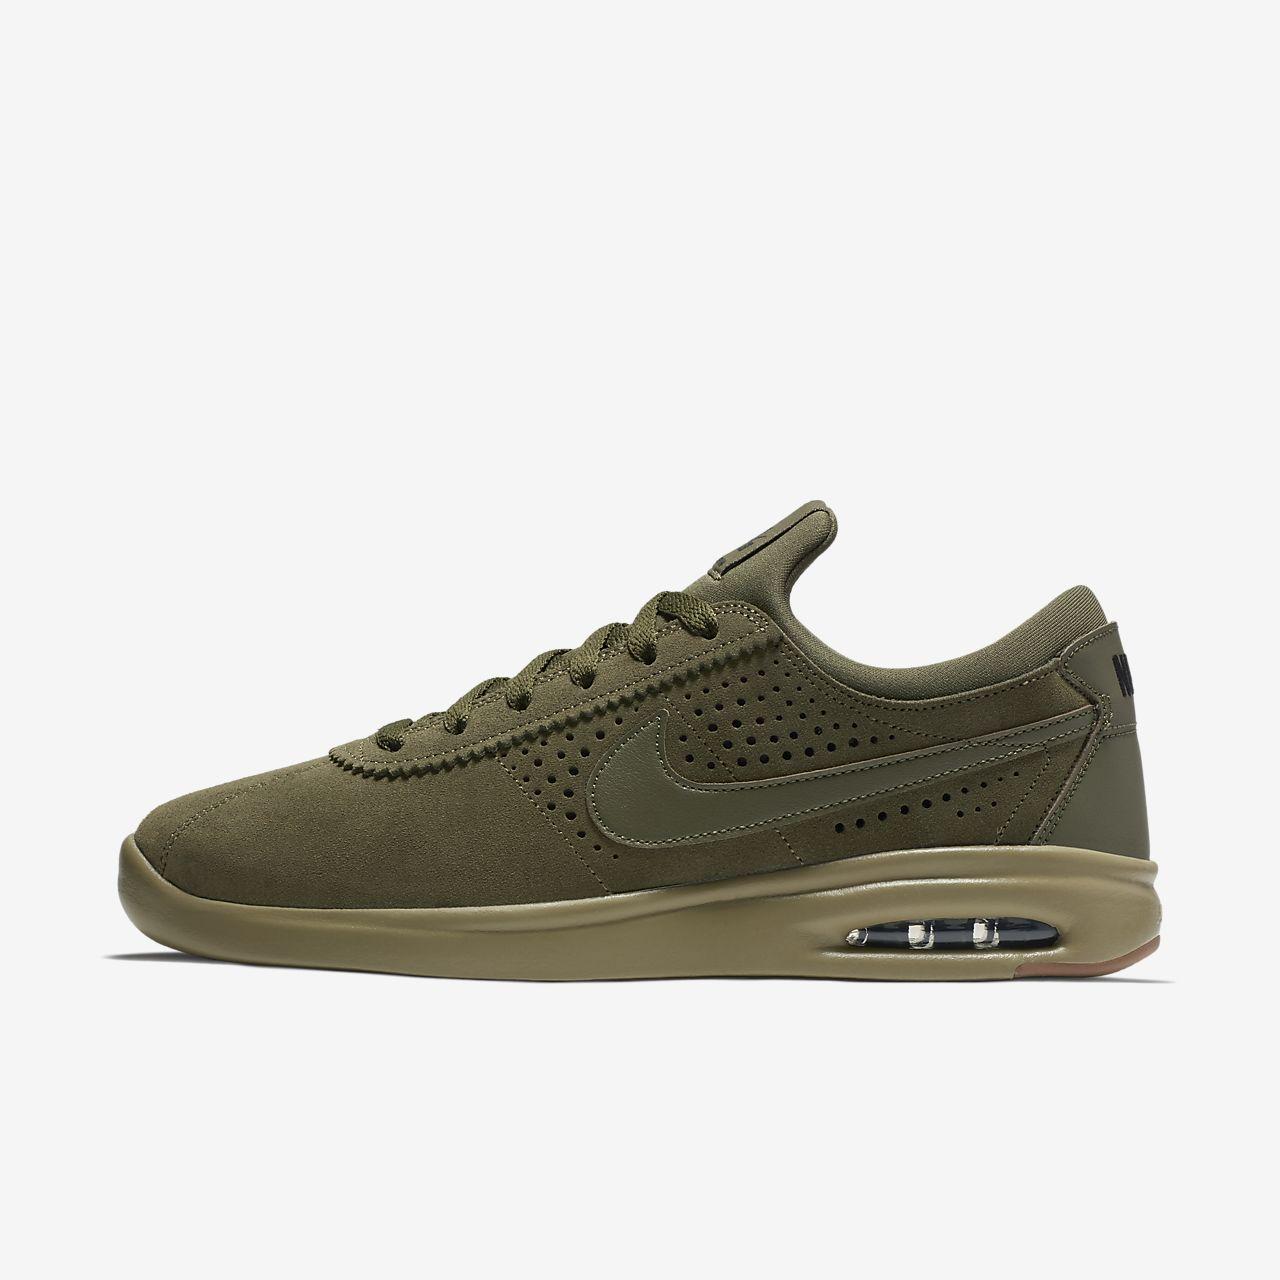 Brun Nike Collection De Chaussures Pour Les Hommes CYQYDuC